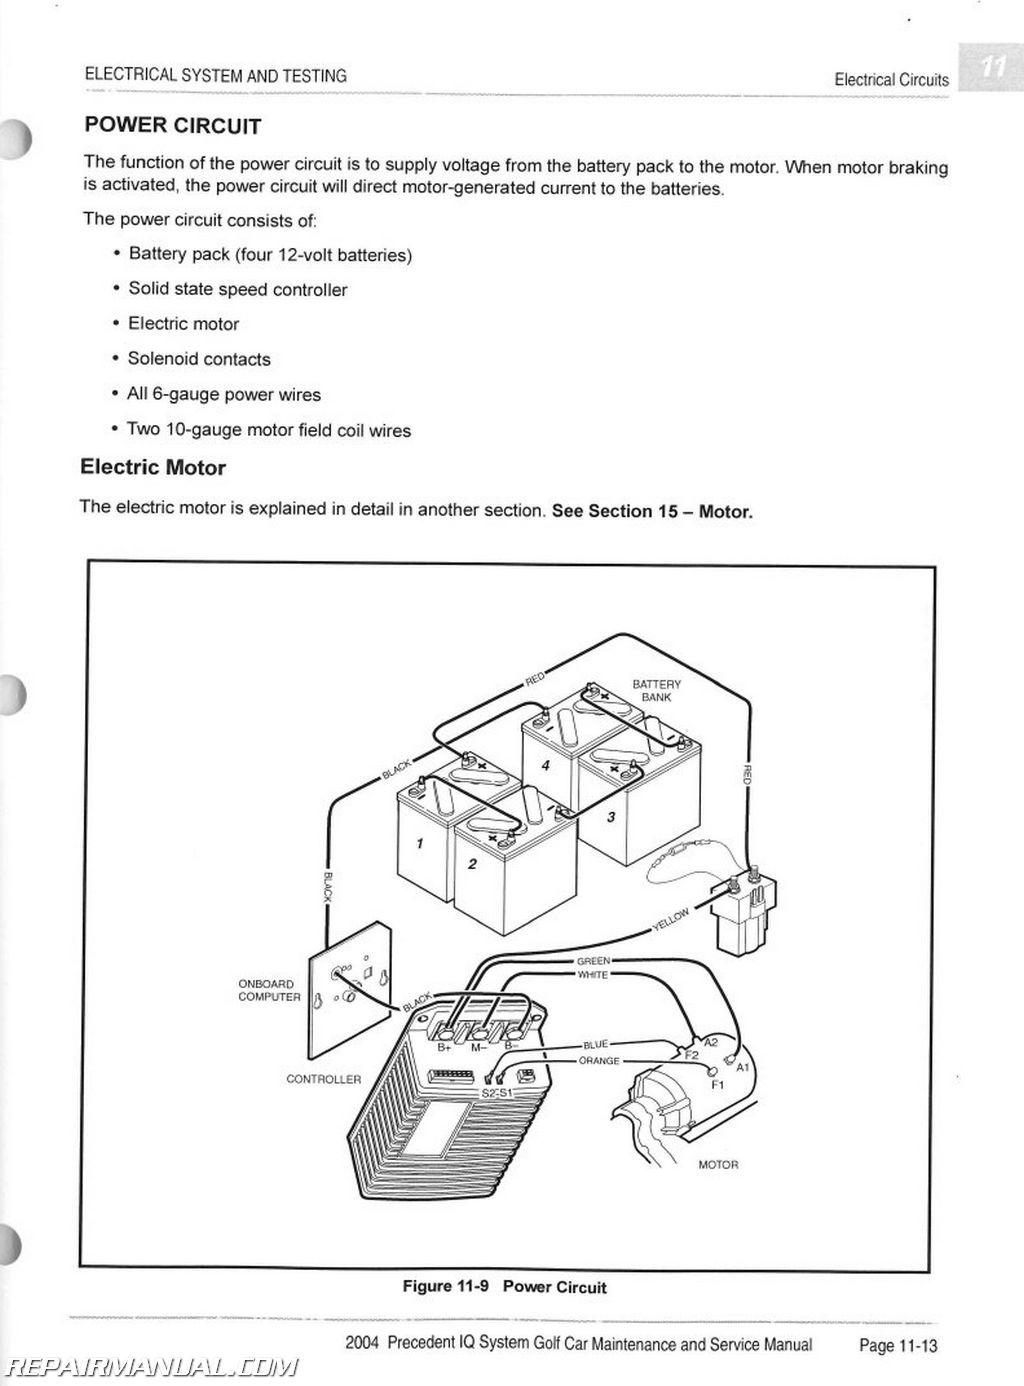 95 Club Car Wiring Diagram